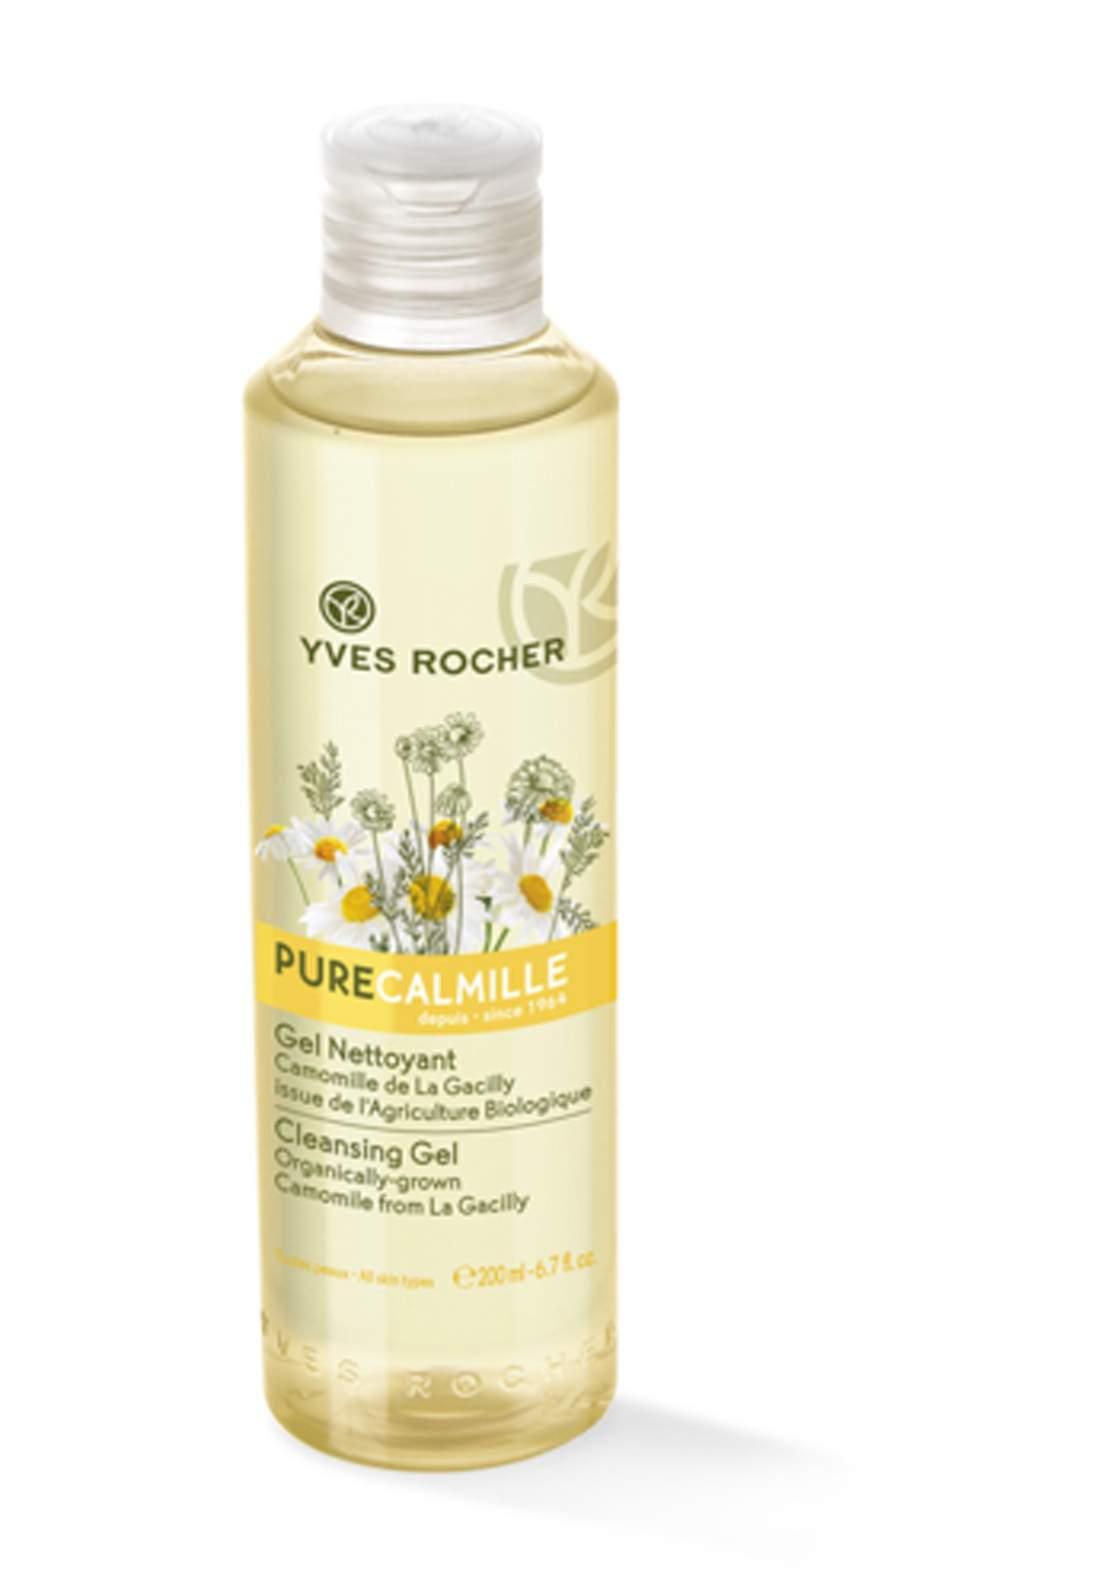 Yves Rocher 26379 Deep Cleansing gel Makeup Remover 200ml مزيل مكياج الوجه